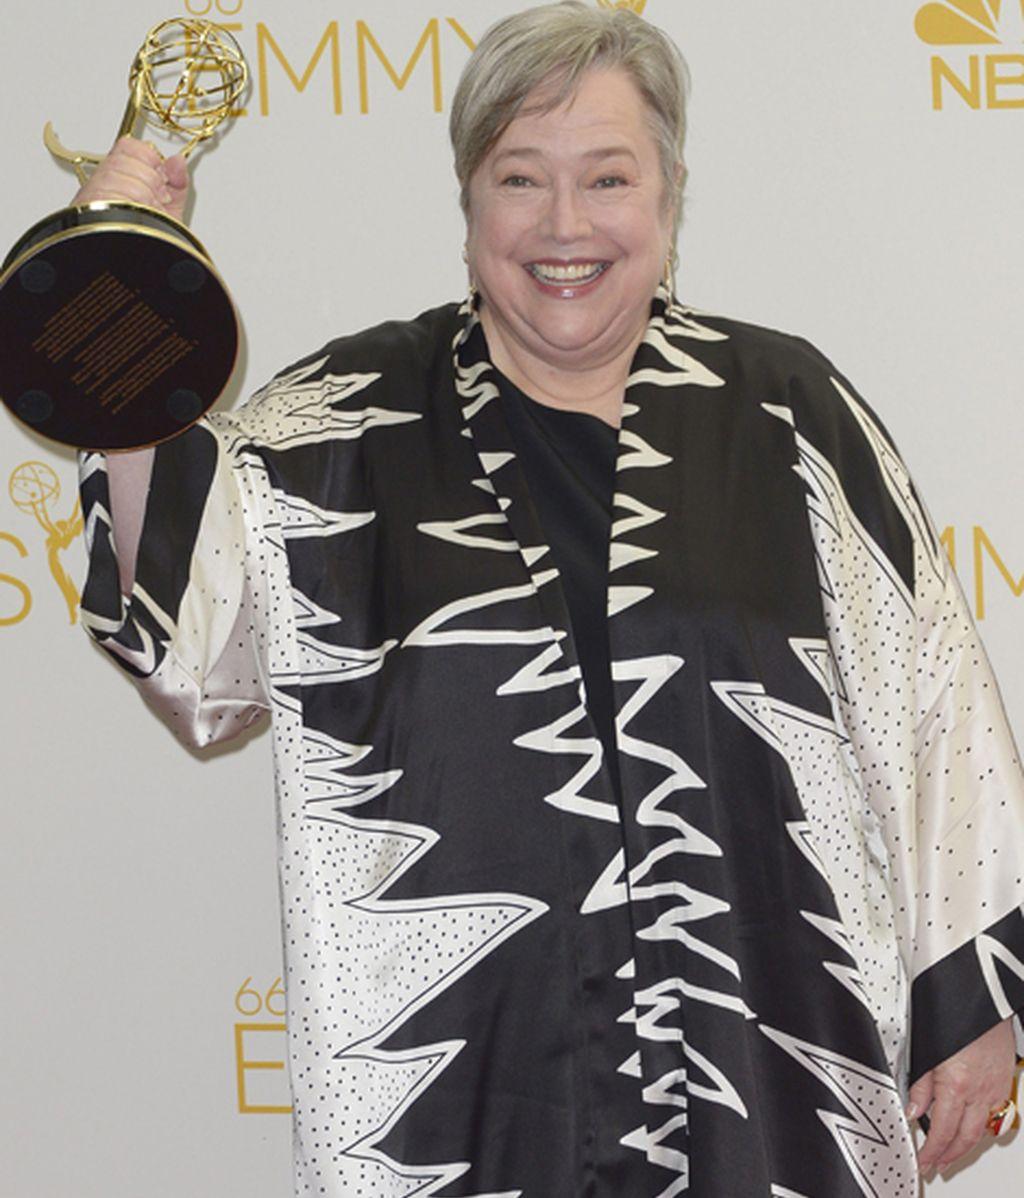 Kathy Bates, Mejor actriz de reparto en miniserie o telefilme por 'American horror story: coven'